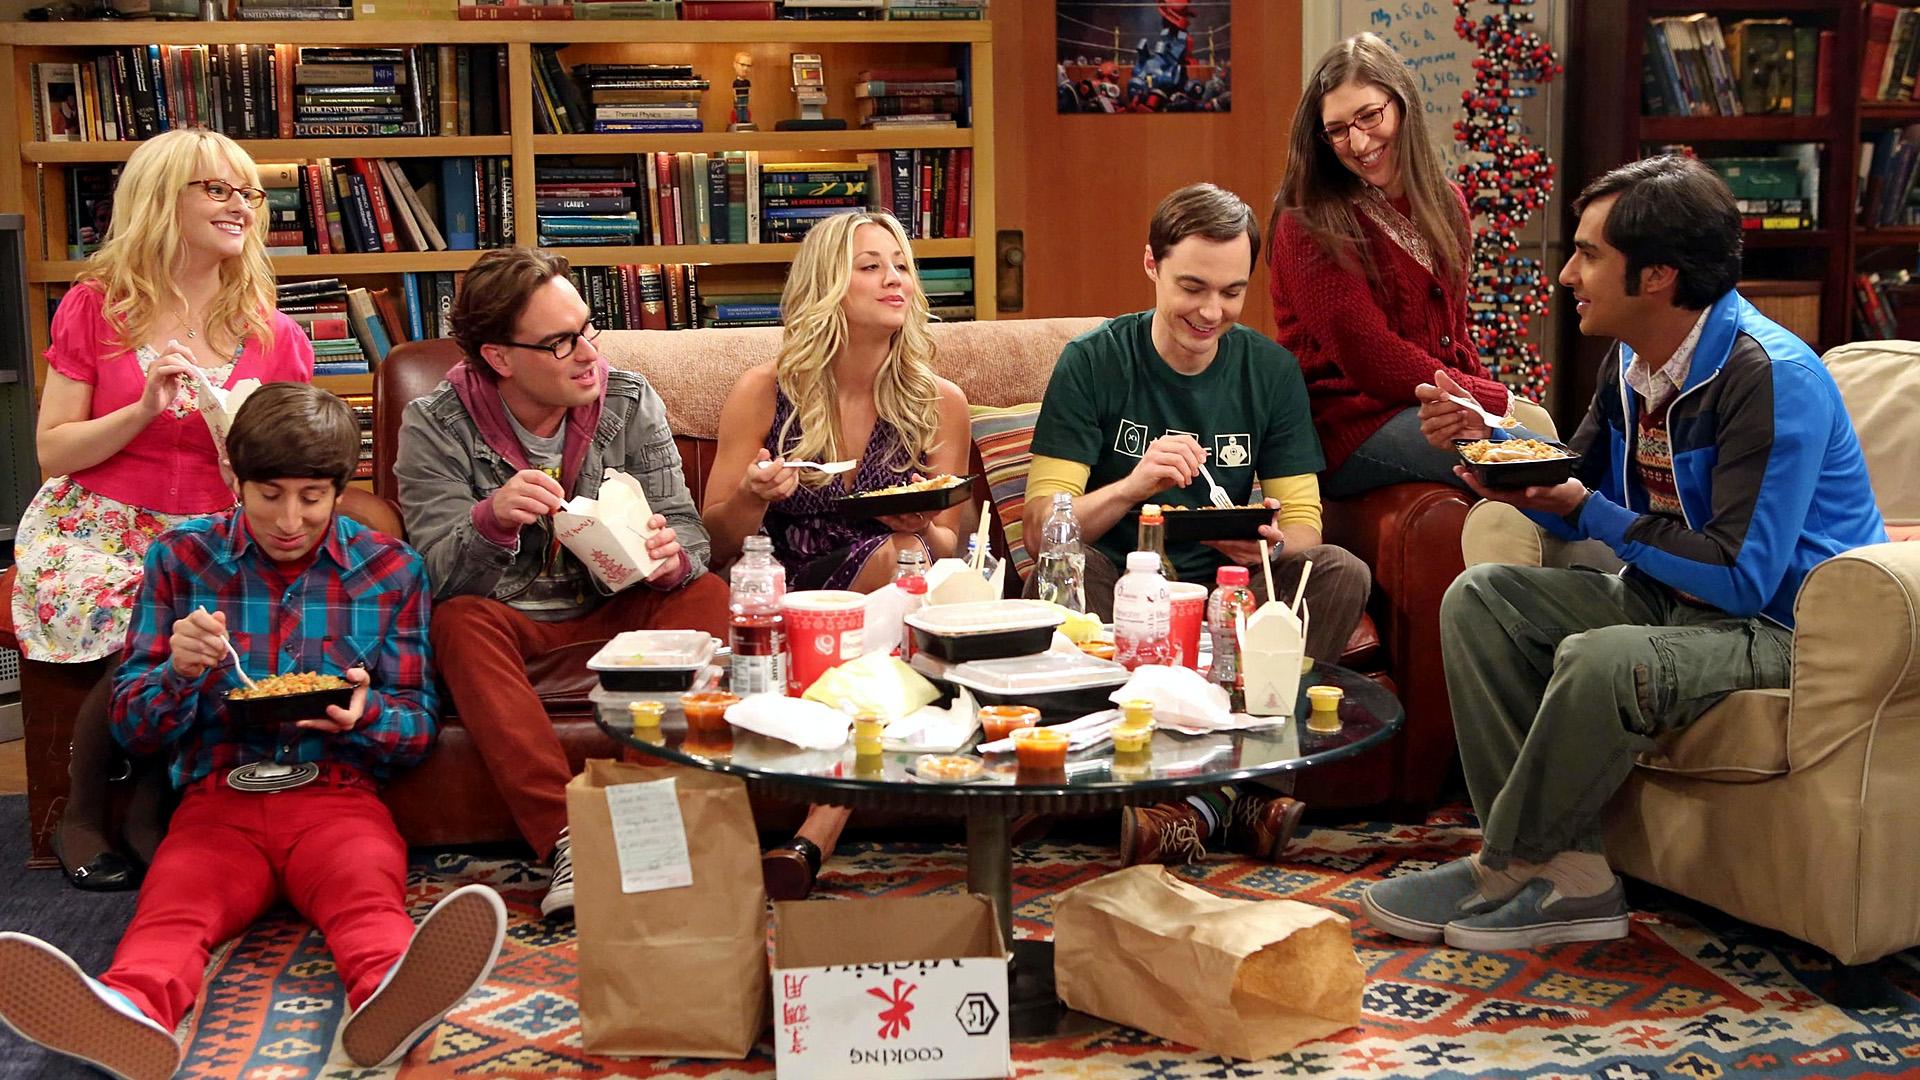 Теория Большого взрыва (сериал) (The Big Bang Theory - TV series) отзывы о сериале